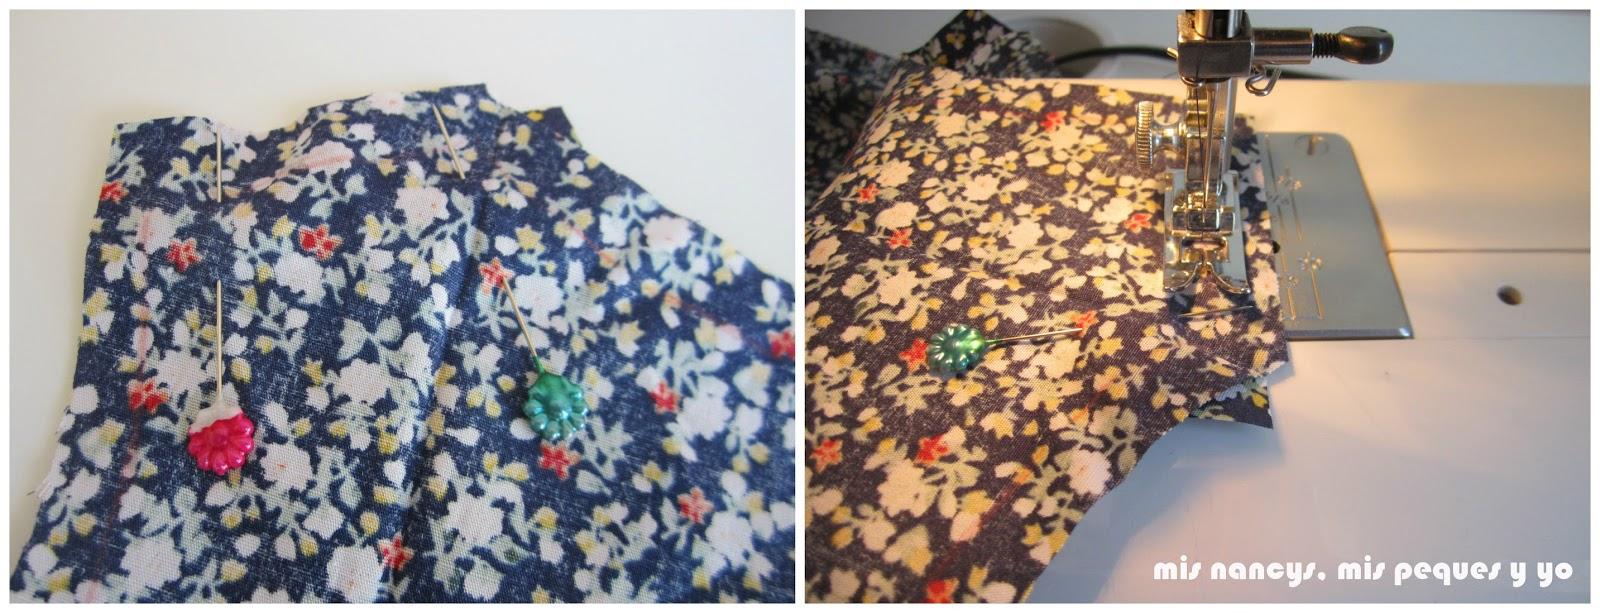 mis nancys, mis peques y yo, tutorial blusa sin mangas niña (patrón gratis), coser hombros